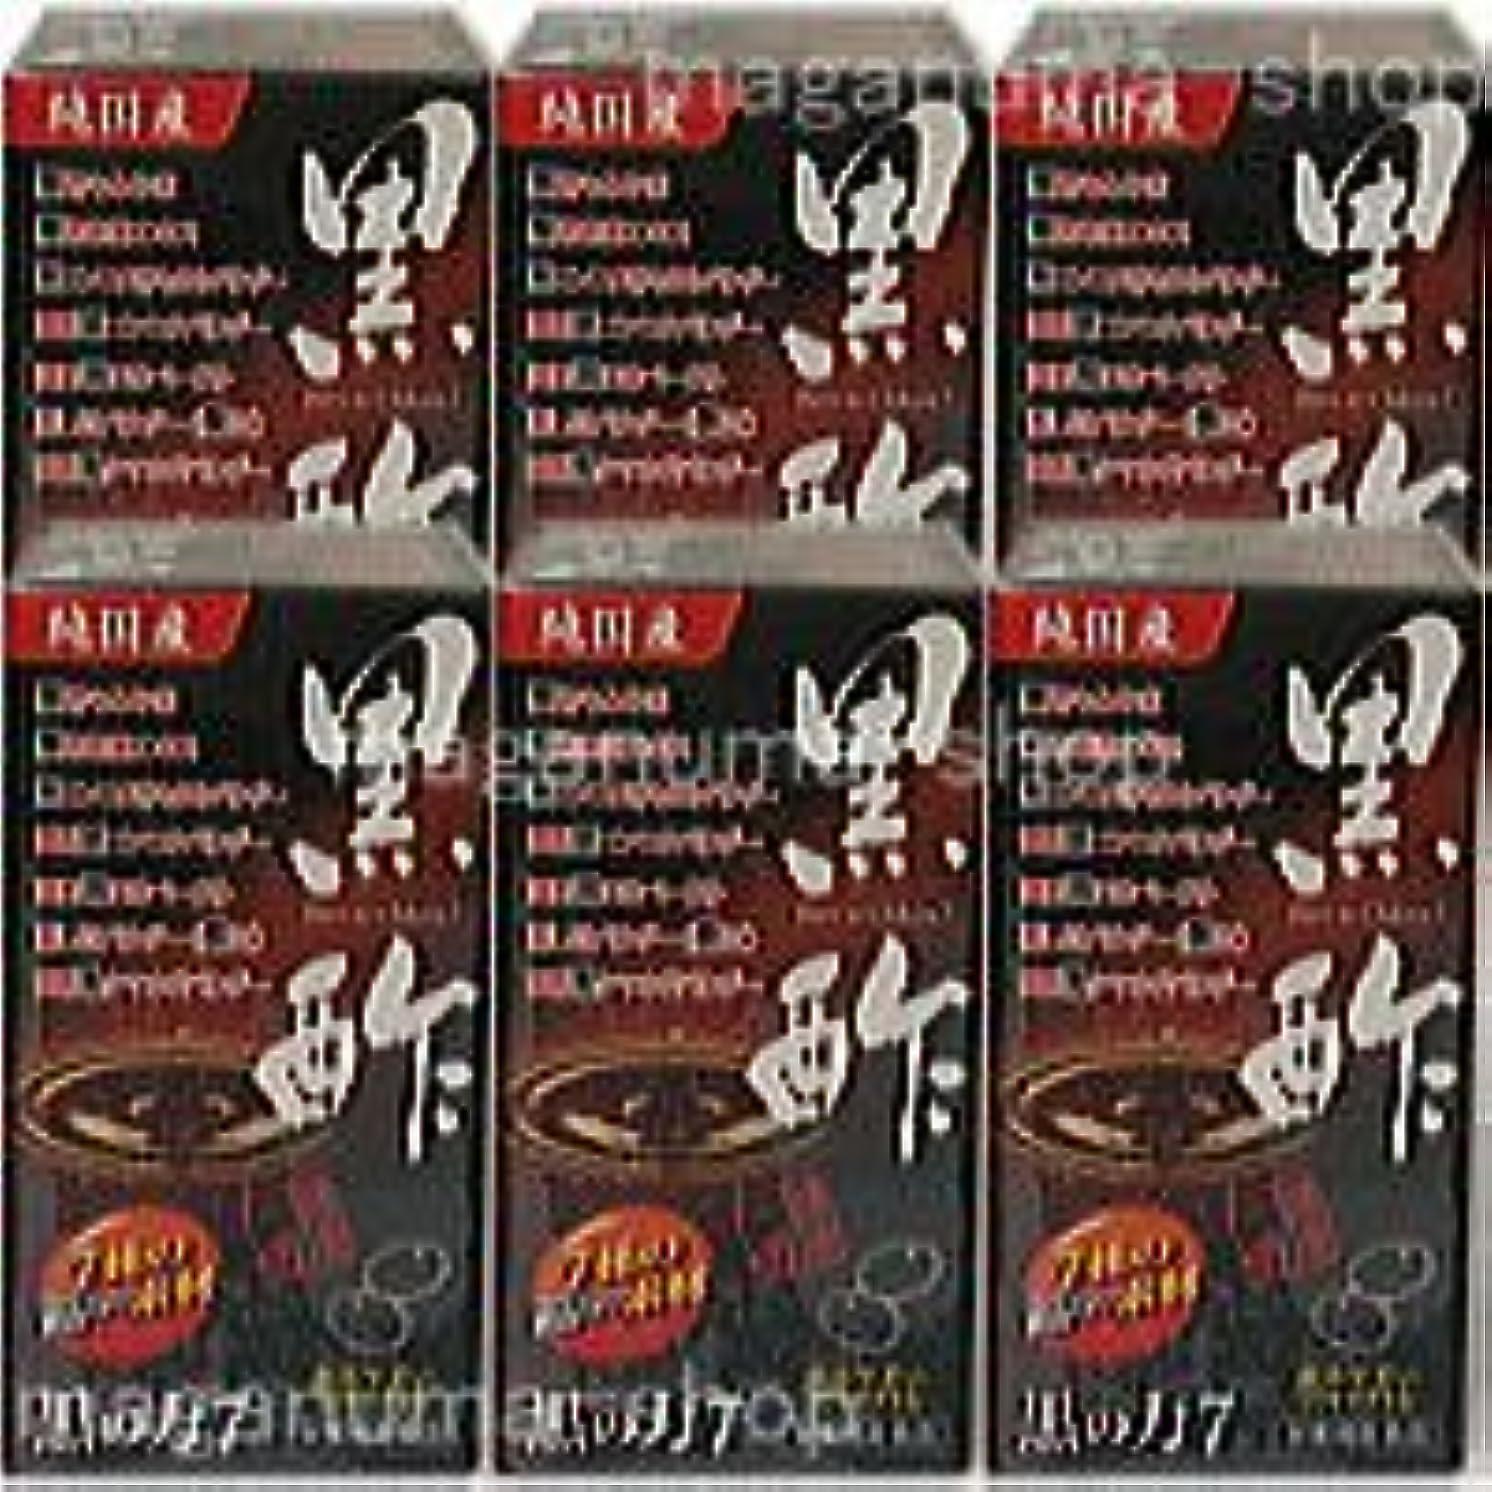 キノコお客様真似る黒の力7(旧 黒酢の力) 6個